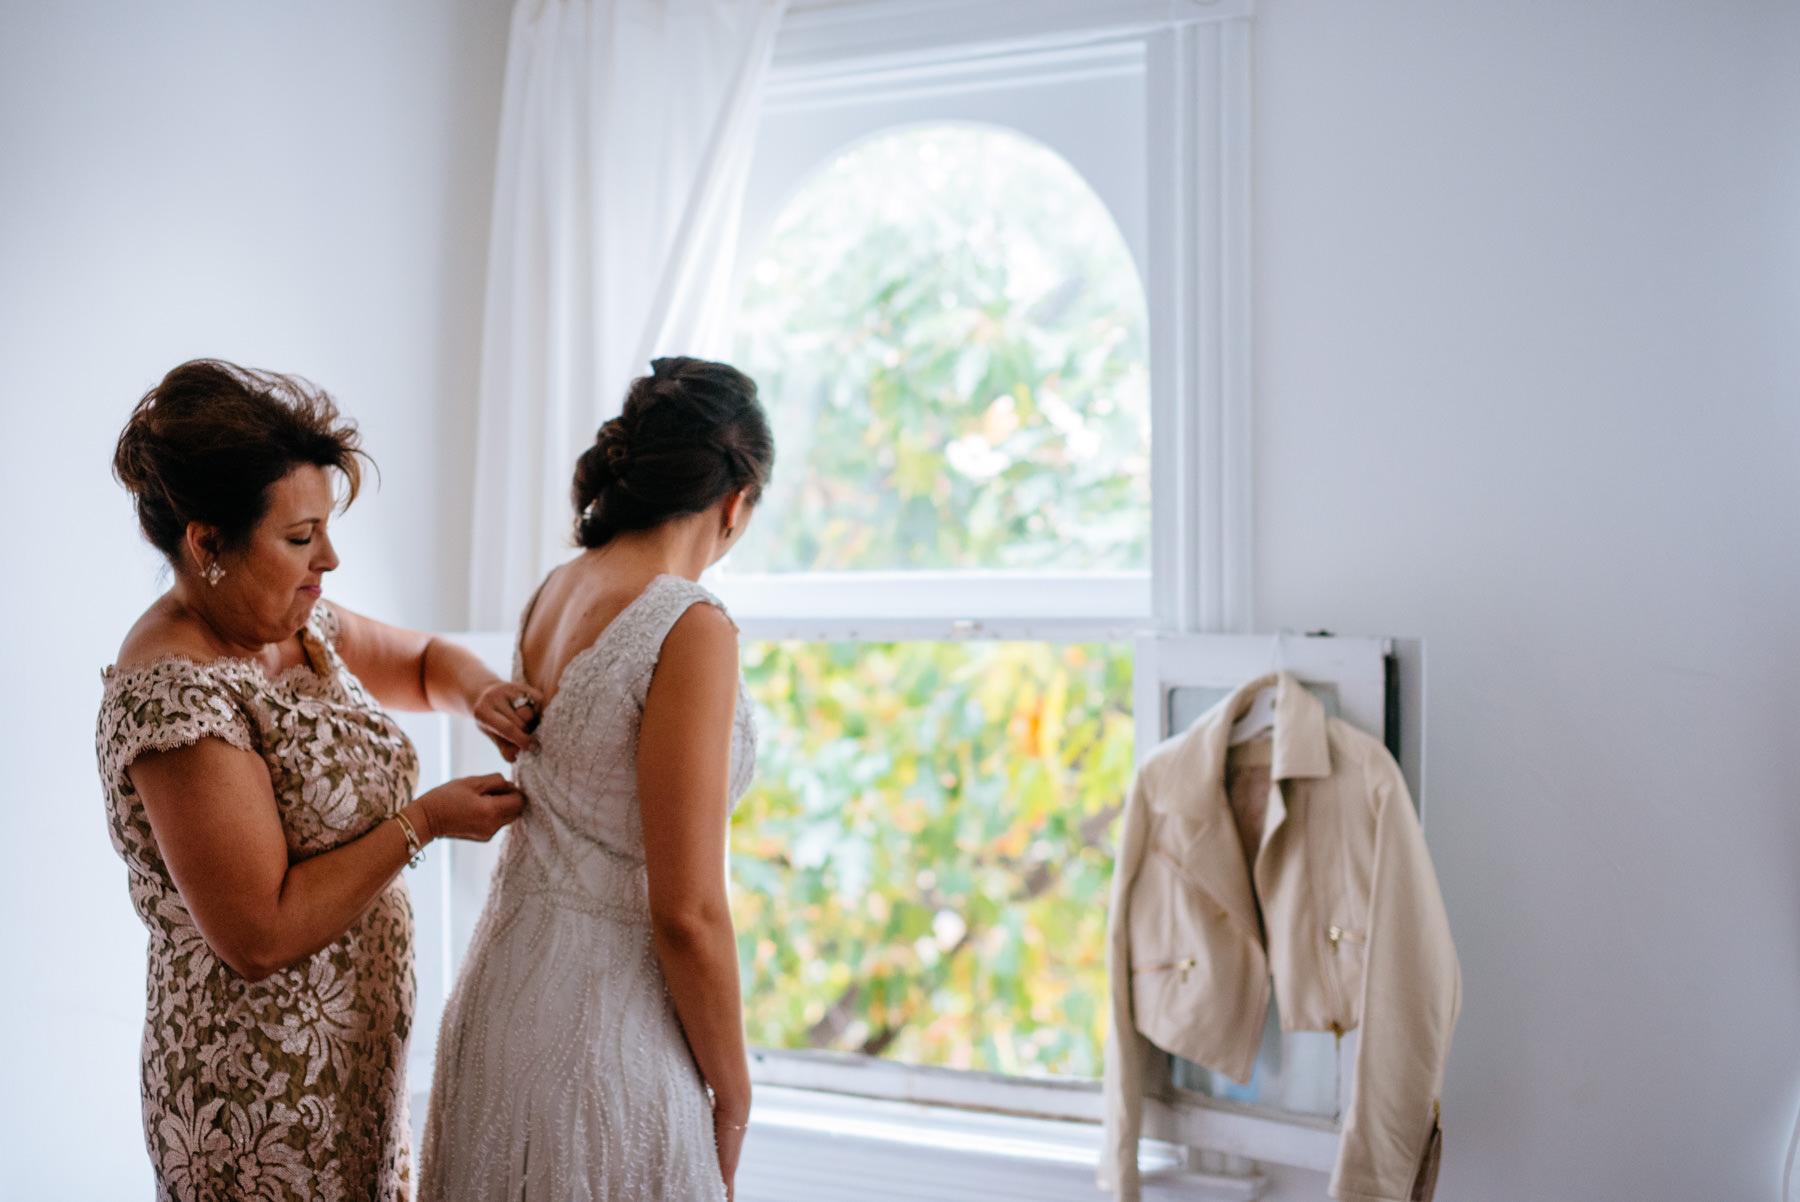 wv weddings getting ready